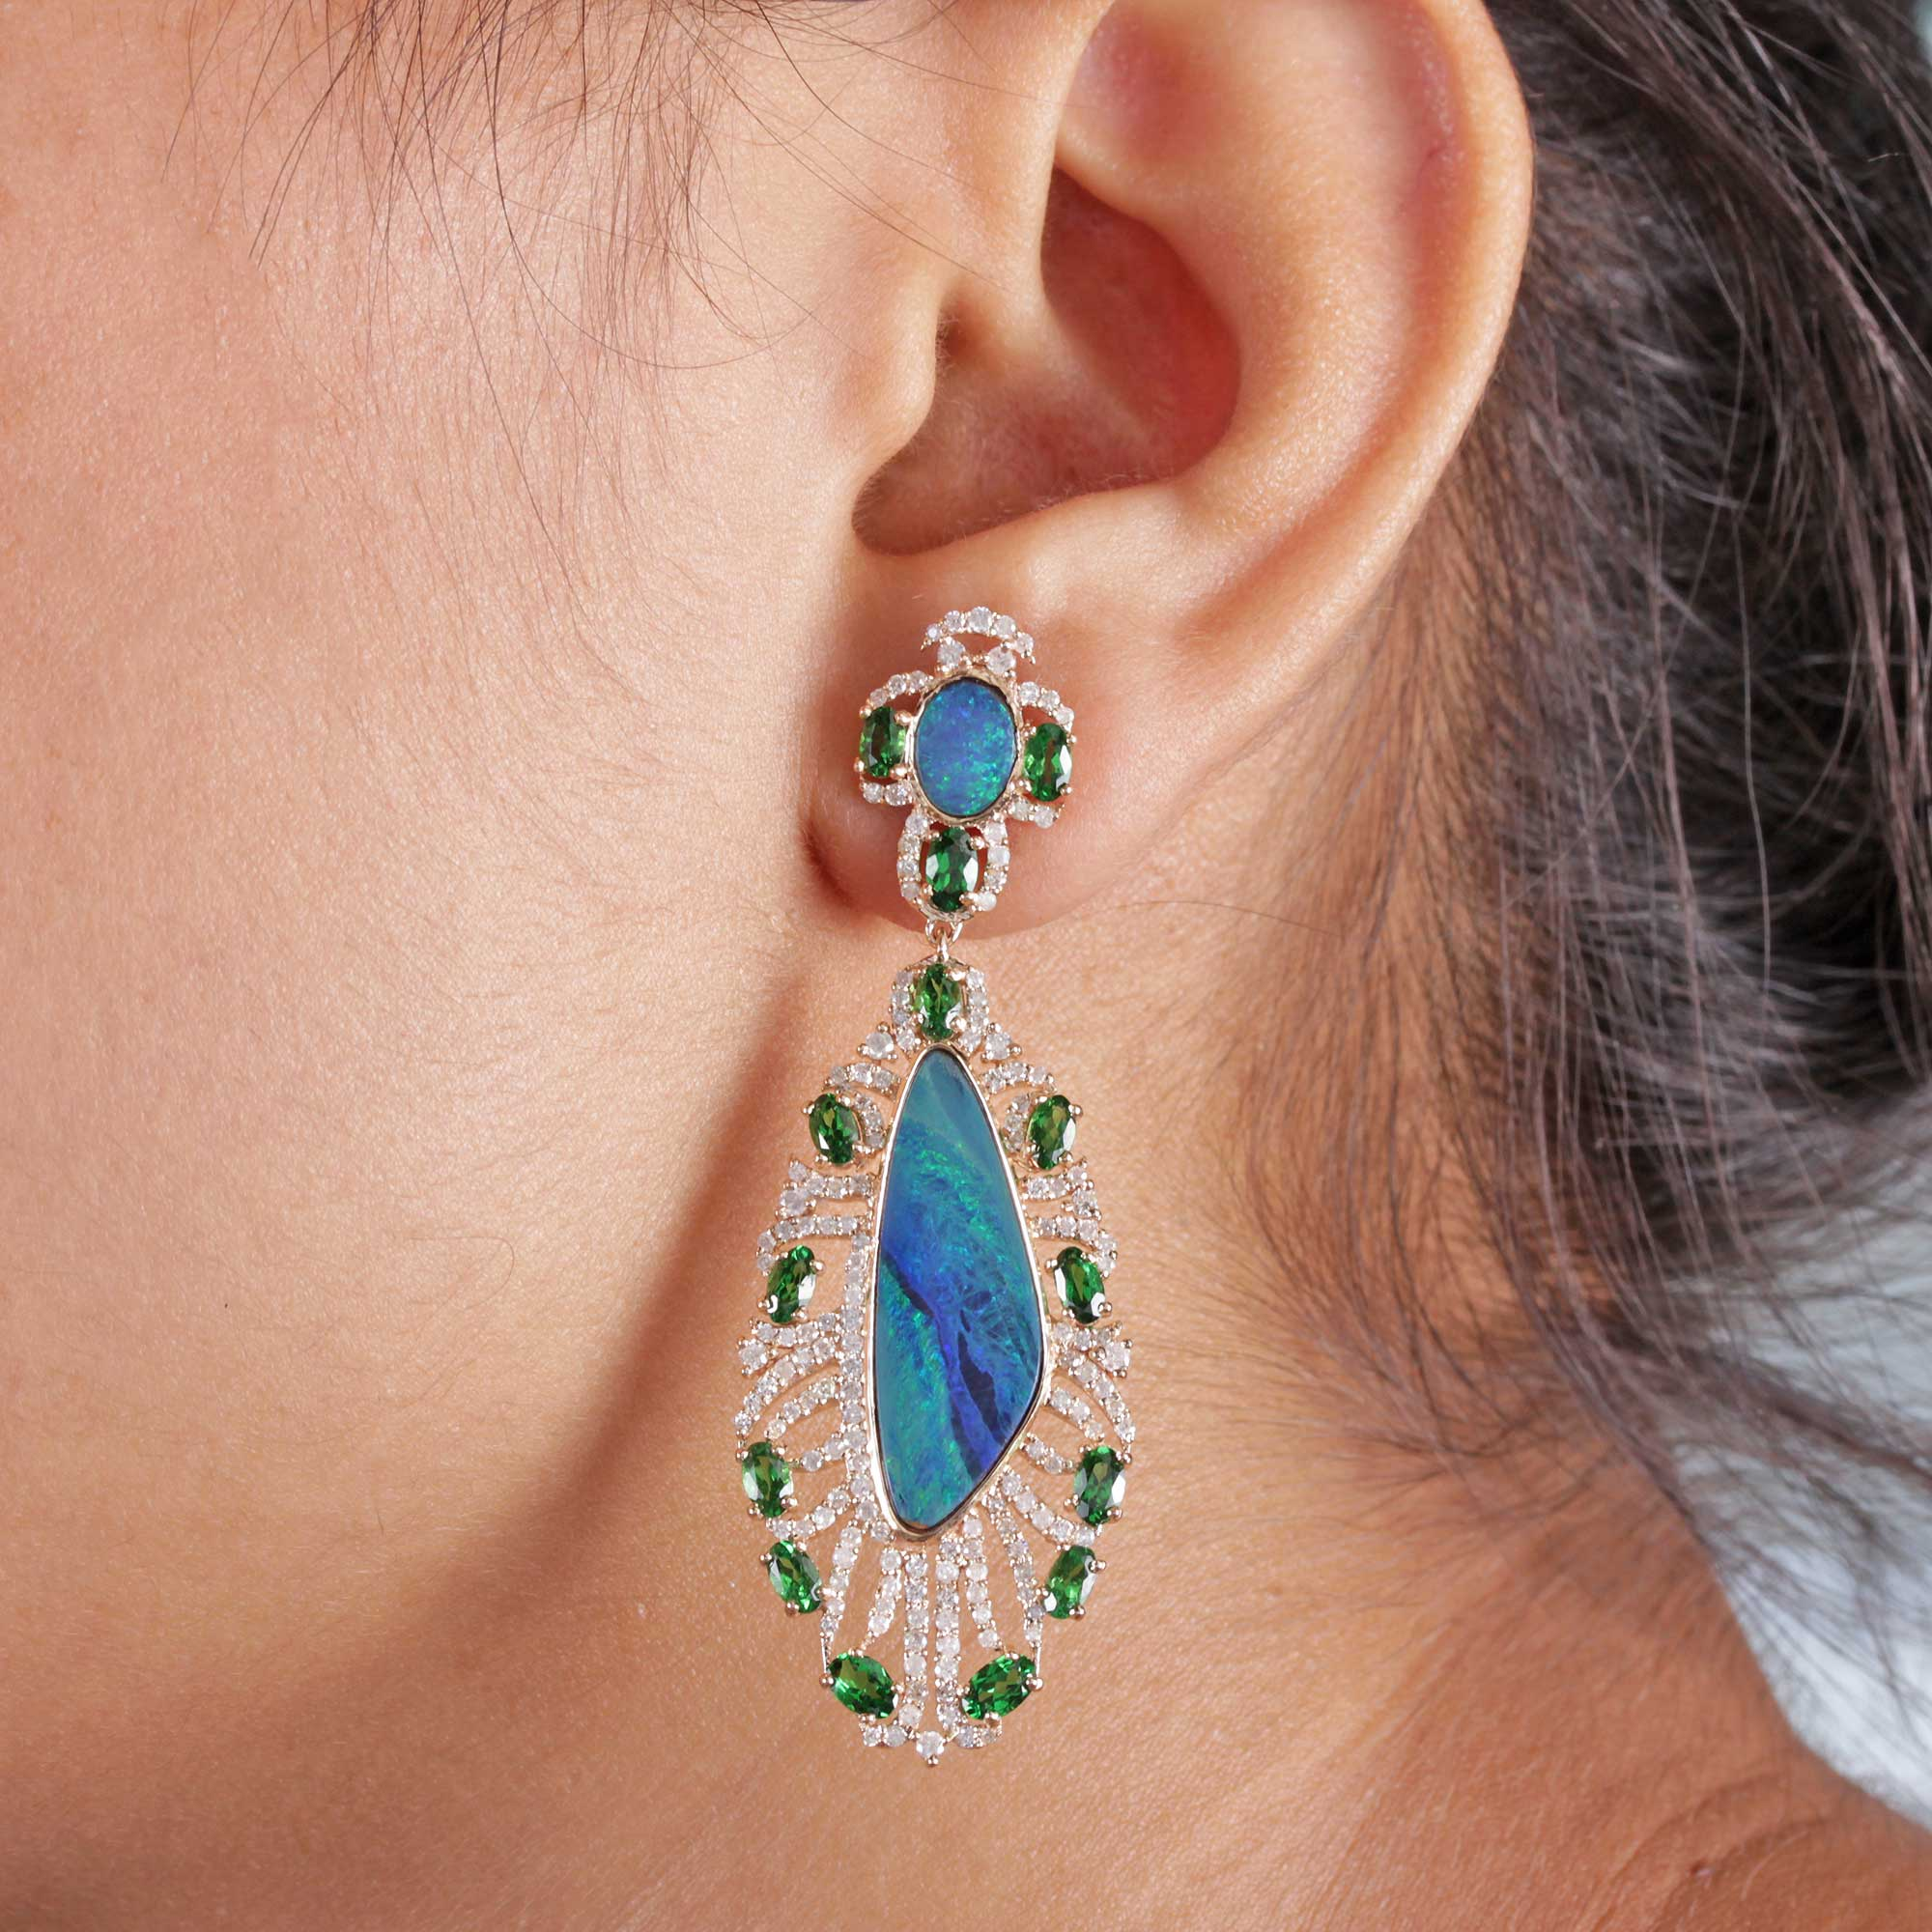 Pave Diamond Opal Tsavorite Dangle Earrings 14k Solid Gold Fine Jewelry